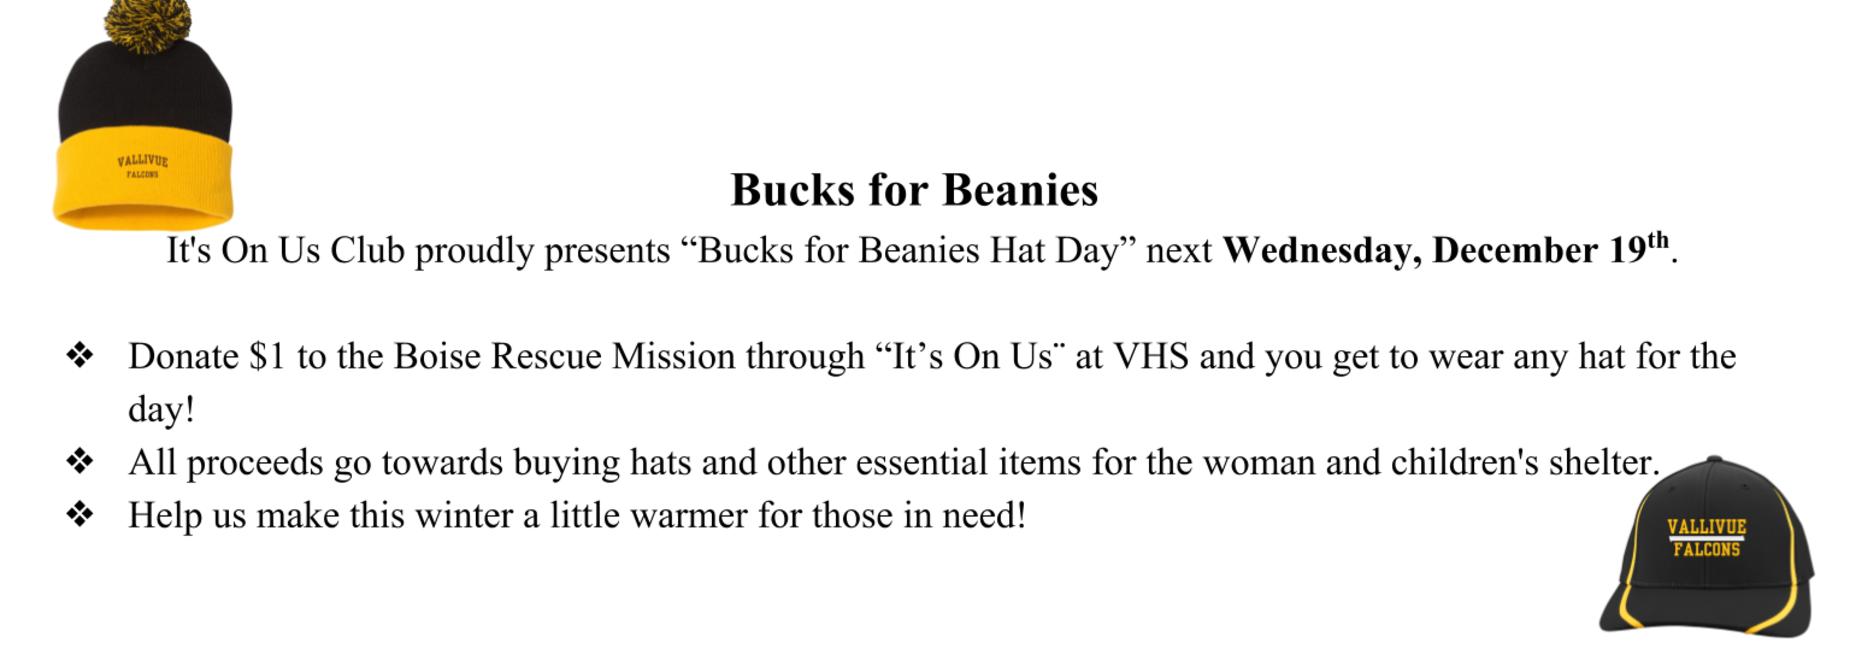 Bucks for beanies